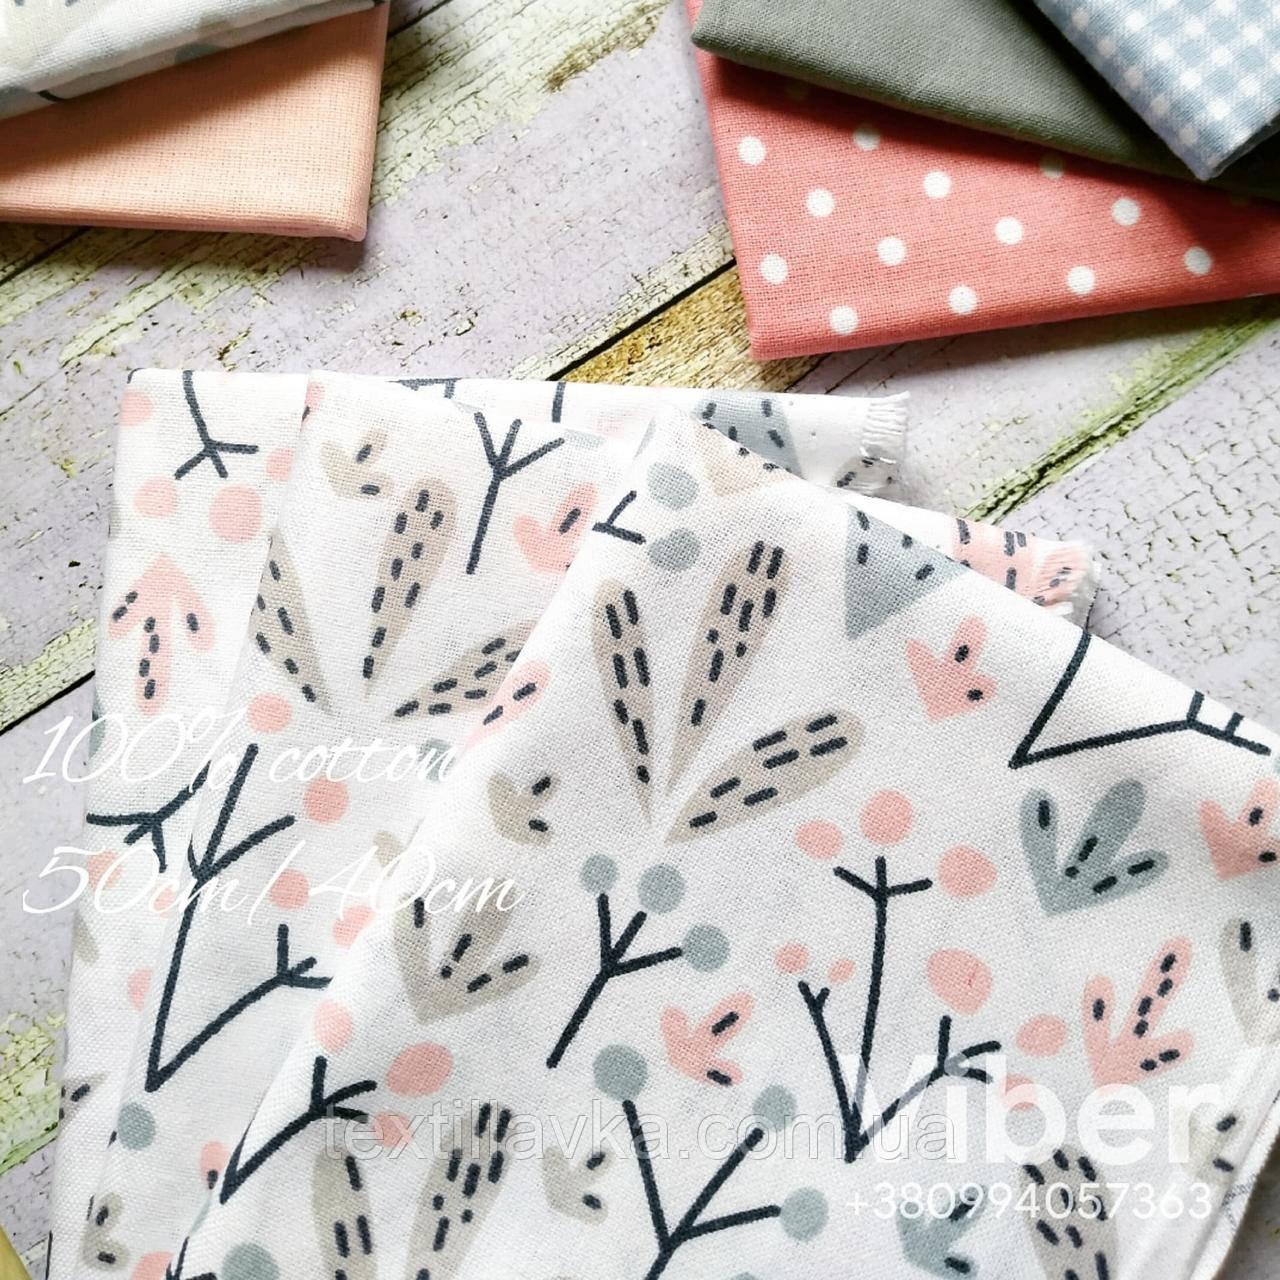 Ткань хлопок веточки и листочки